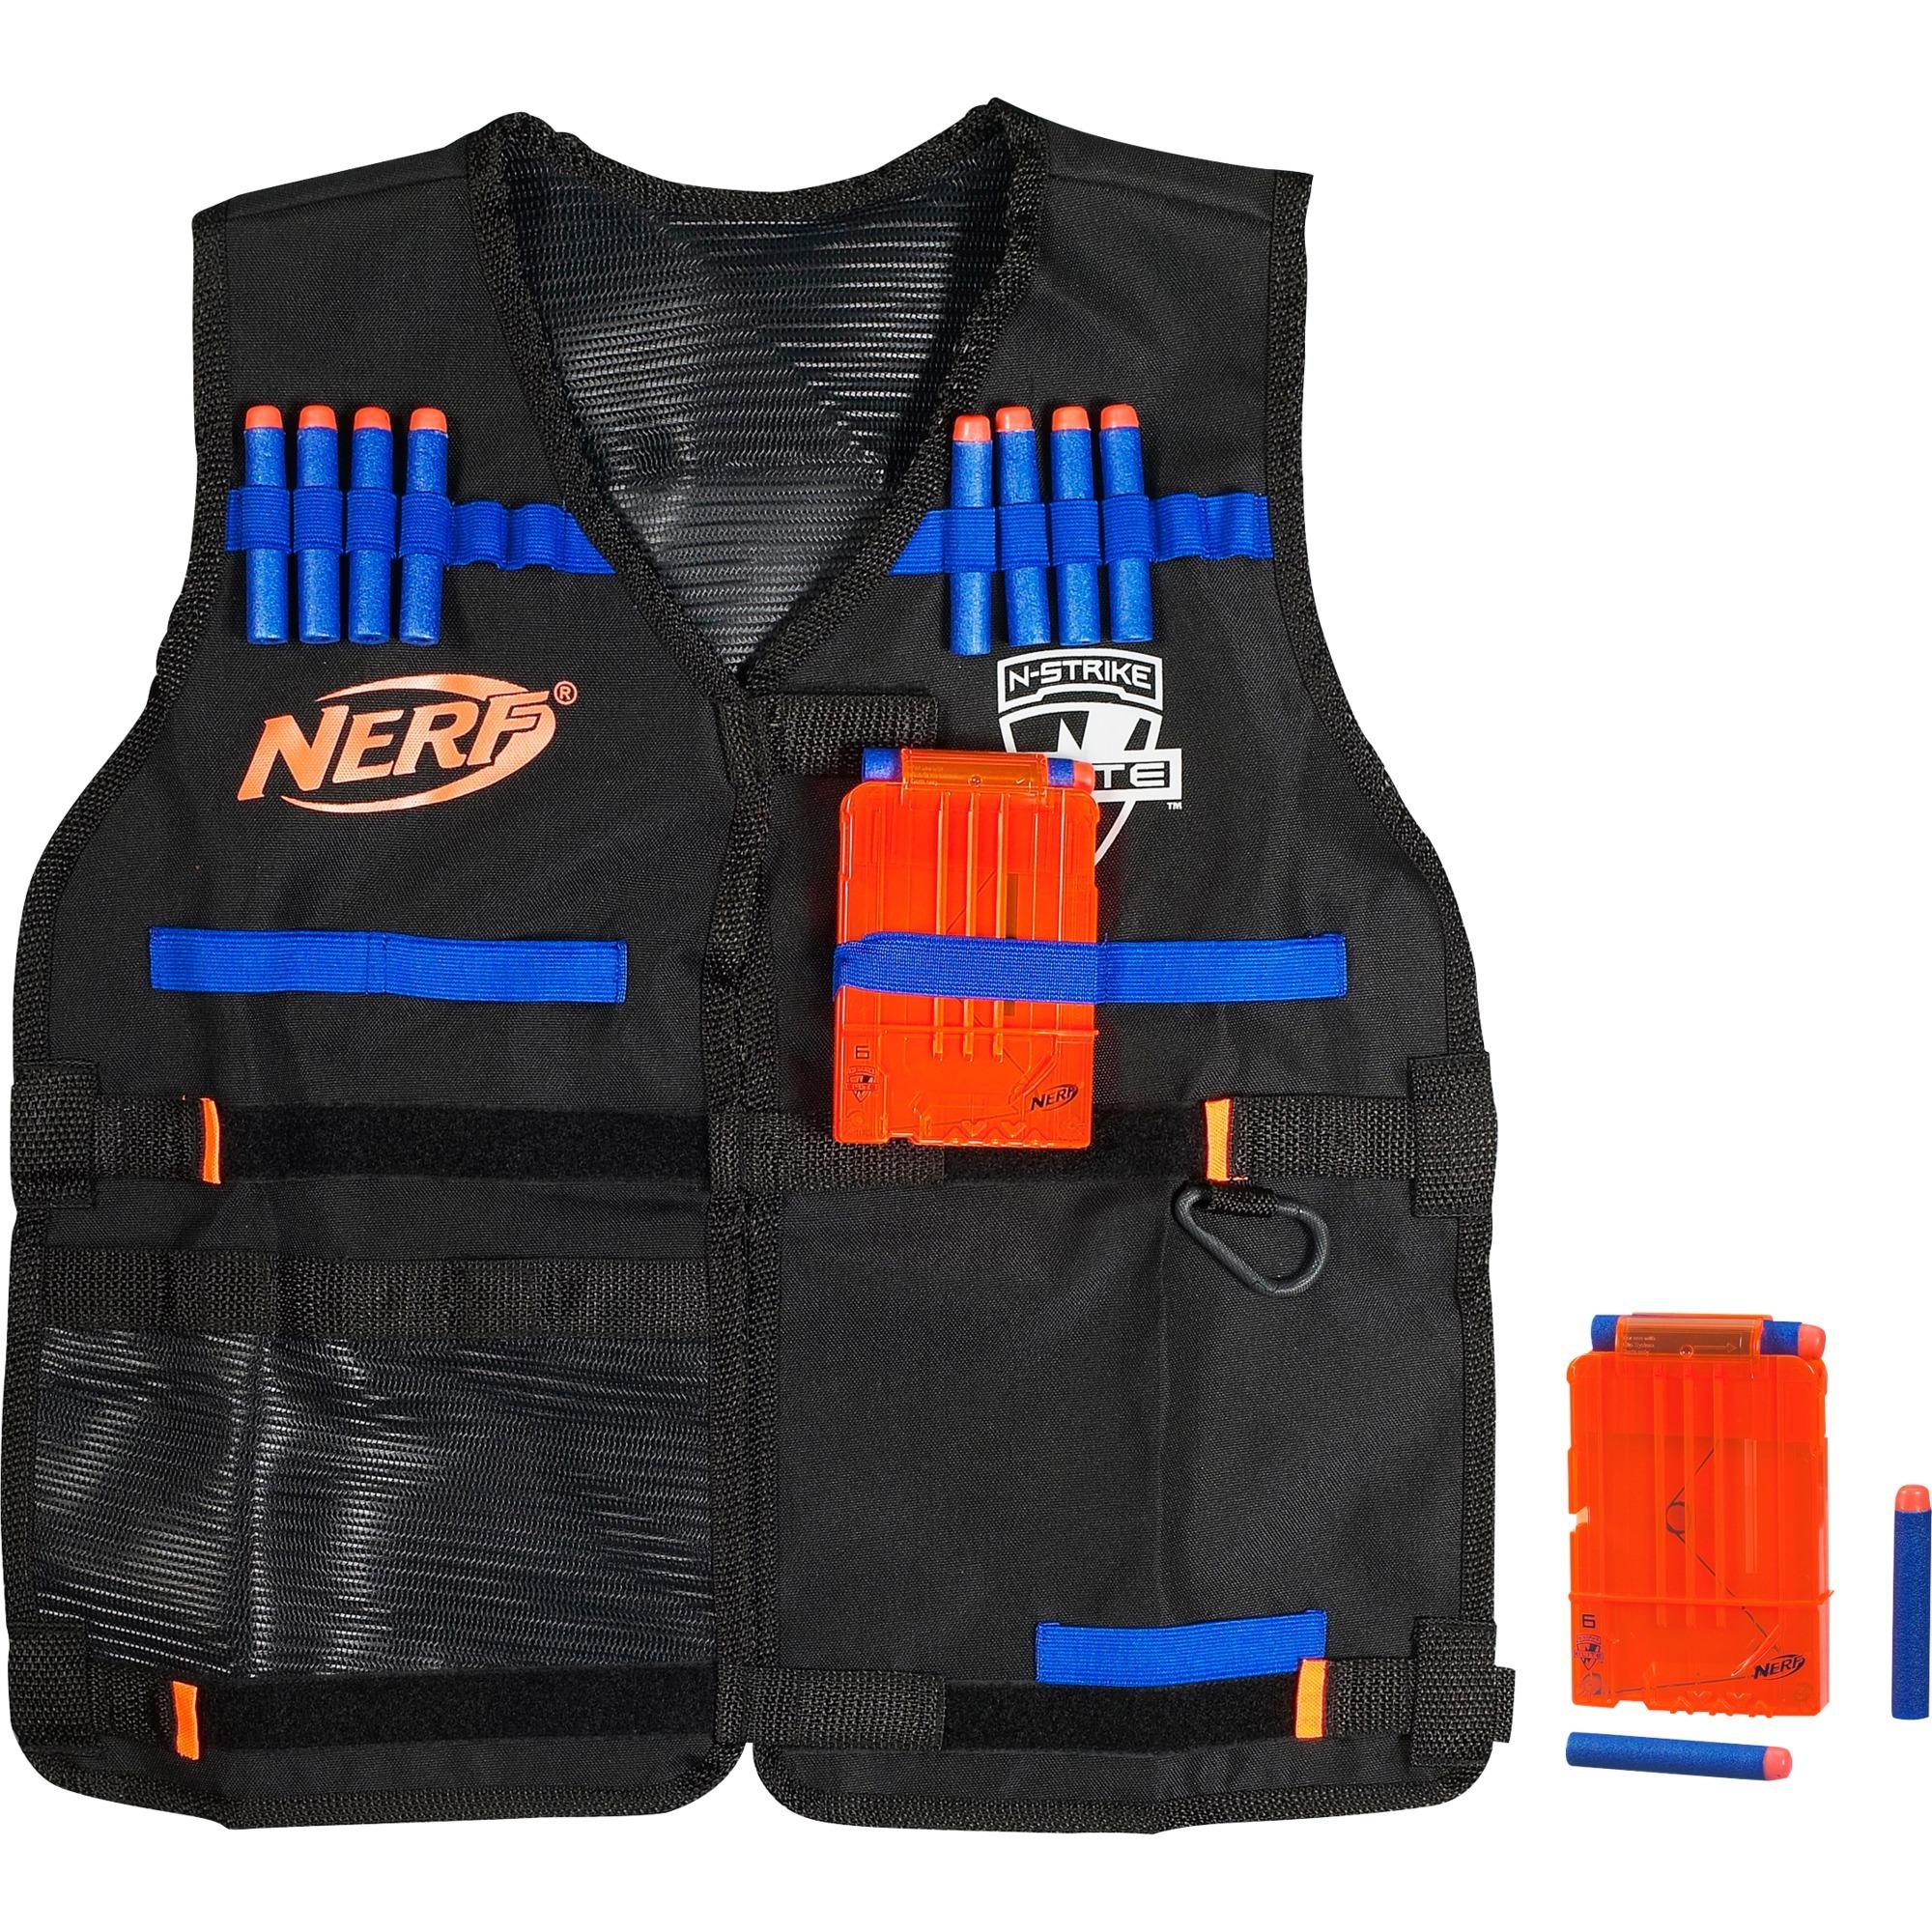 A0250 Accesorios y consumibles para armas de juguete, Pistola Nerf